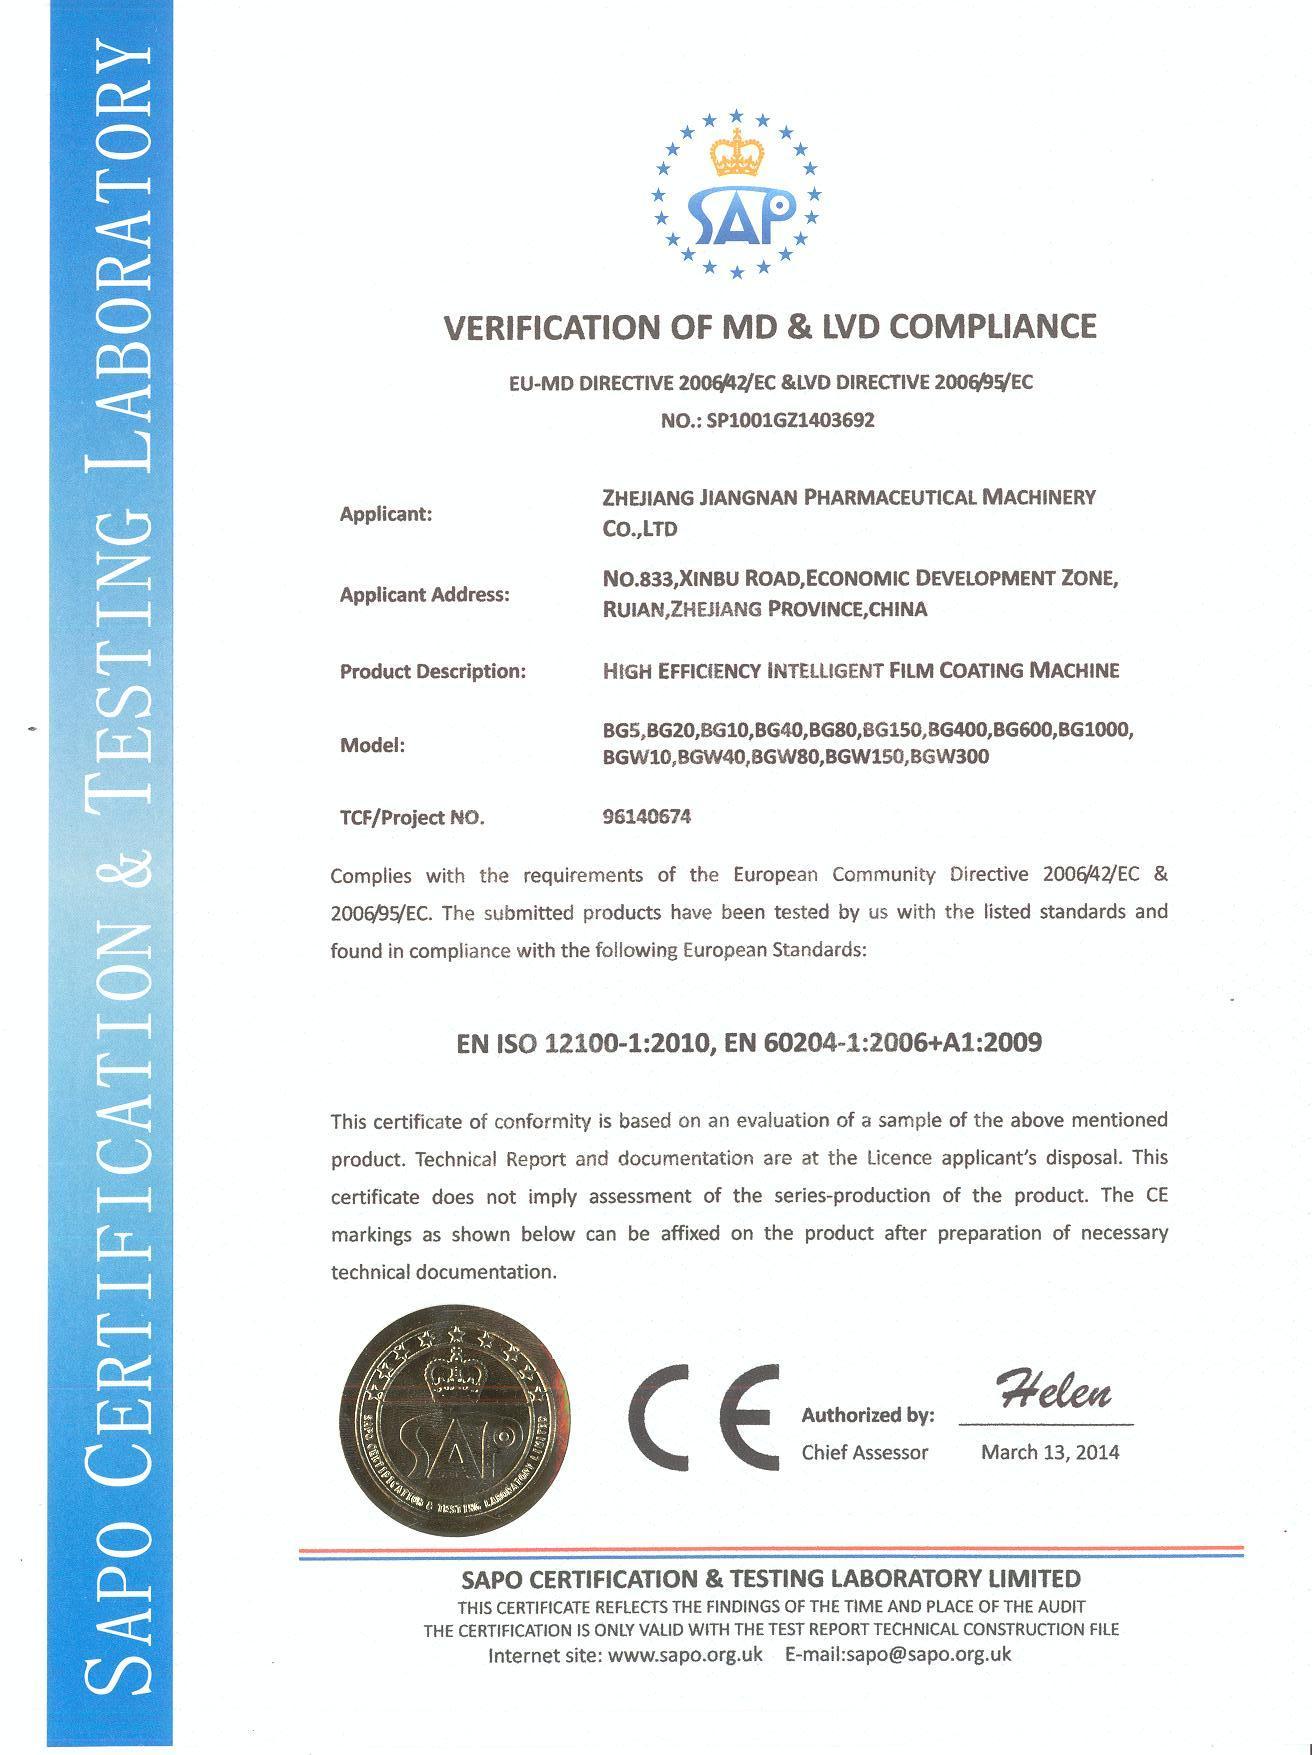 Coating machine CE certificate